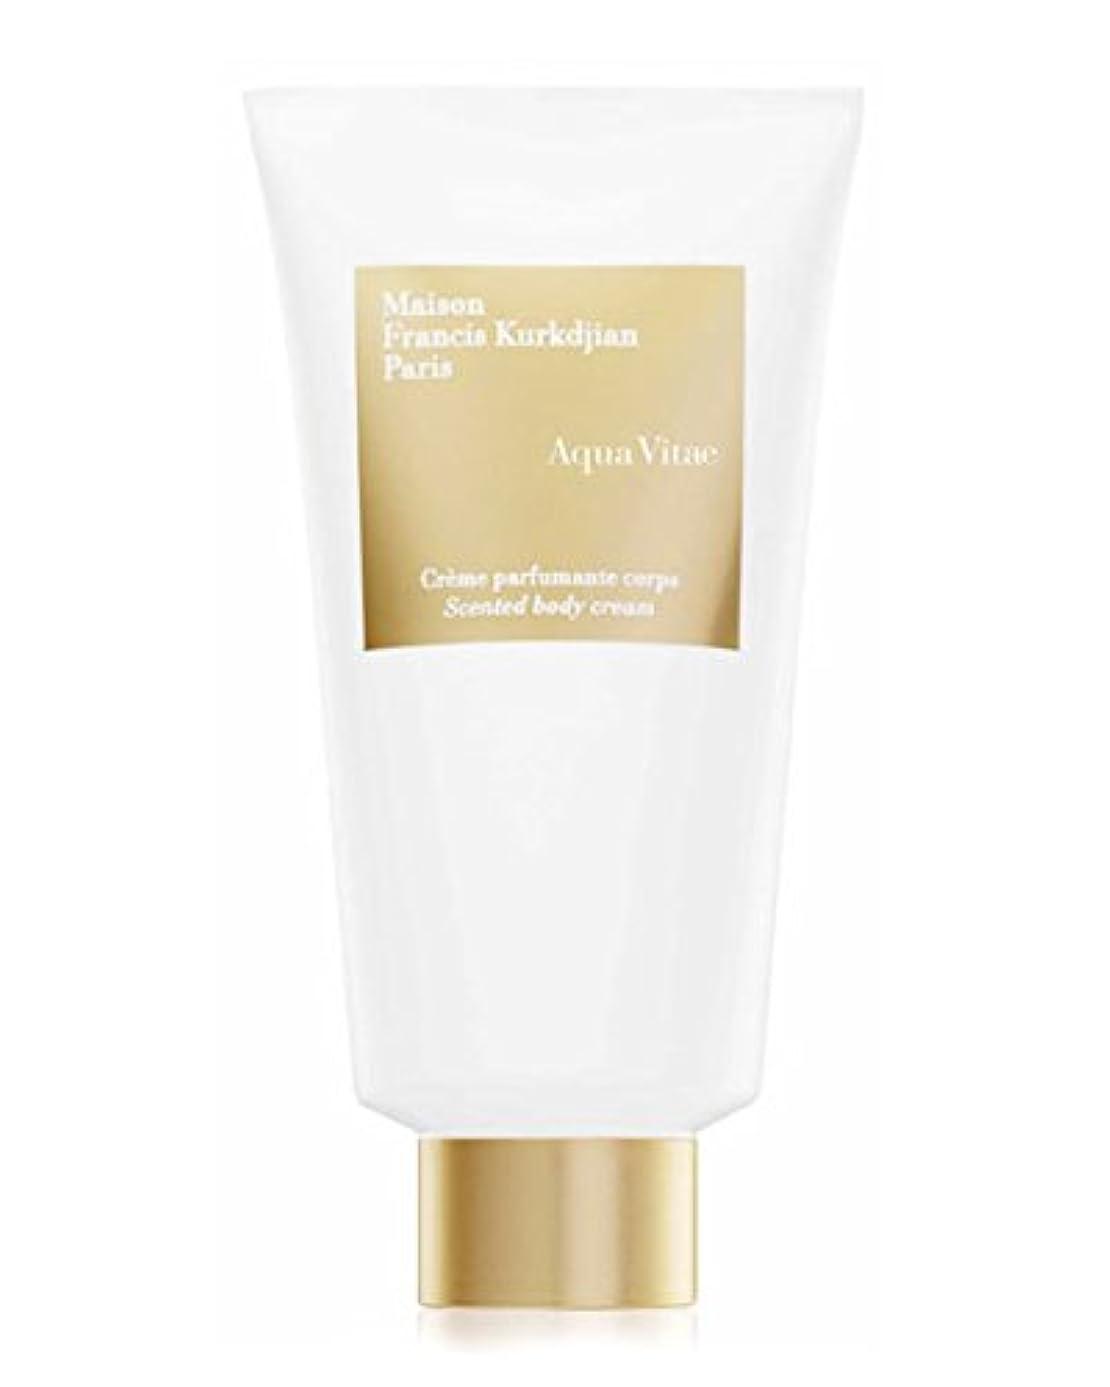 苦しむ電気陽性バレーボールMaison Francis Kurkdjian Aqua Vitae (メゾン フランシス クルジャン アクア ビタエ) 5.0 oz (150ml) Scented body cream